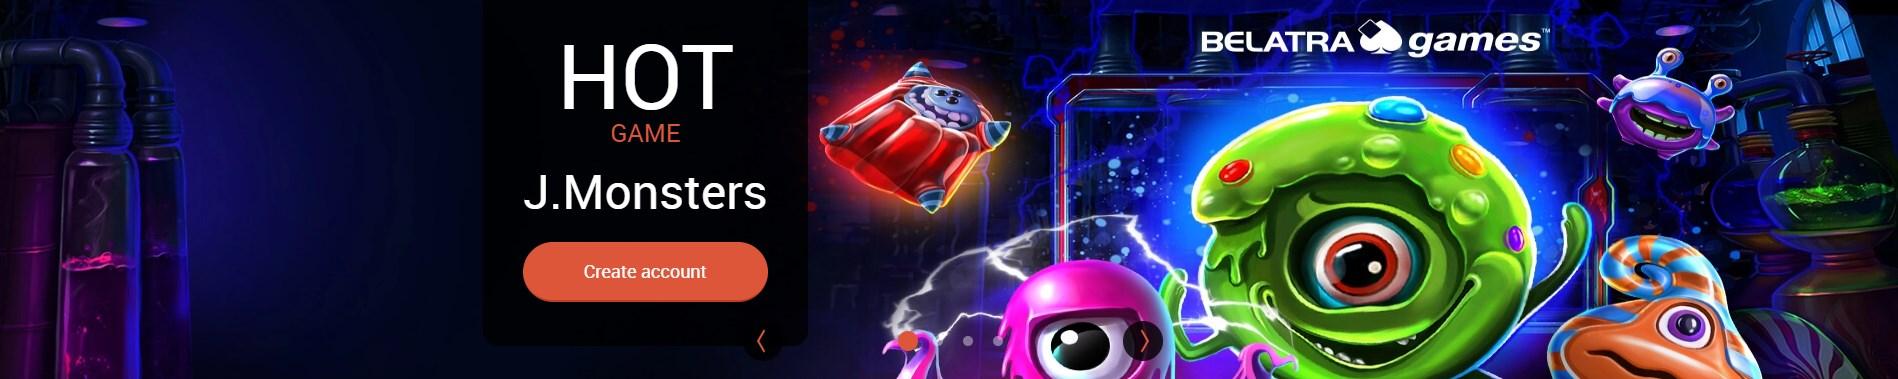 Mars casino softswiss casinos list